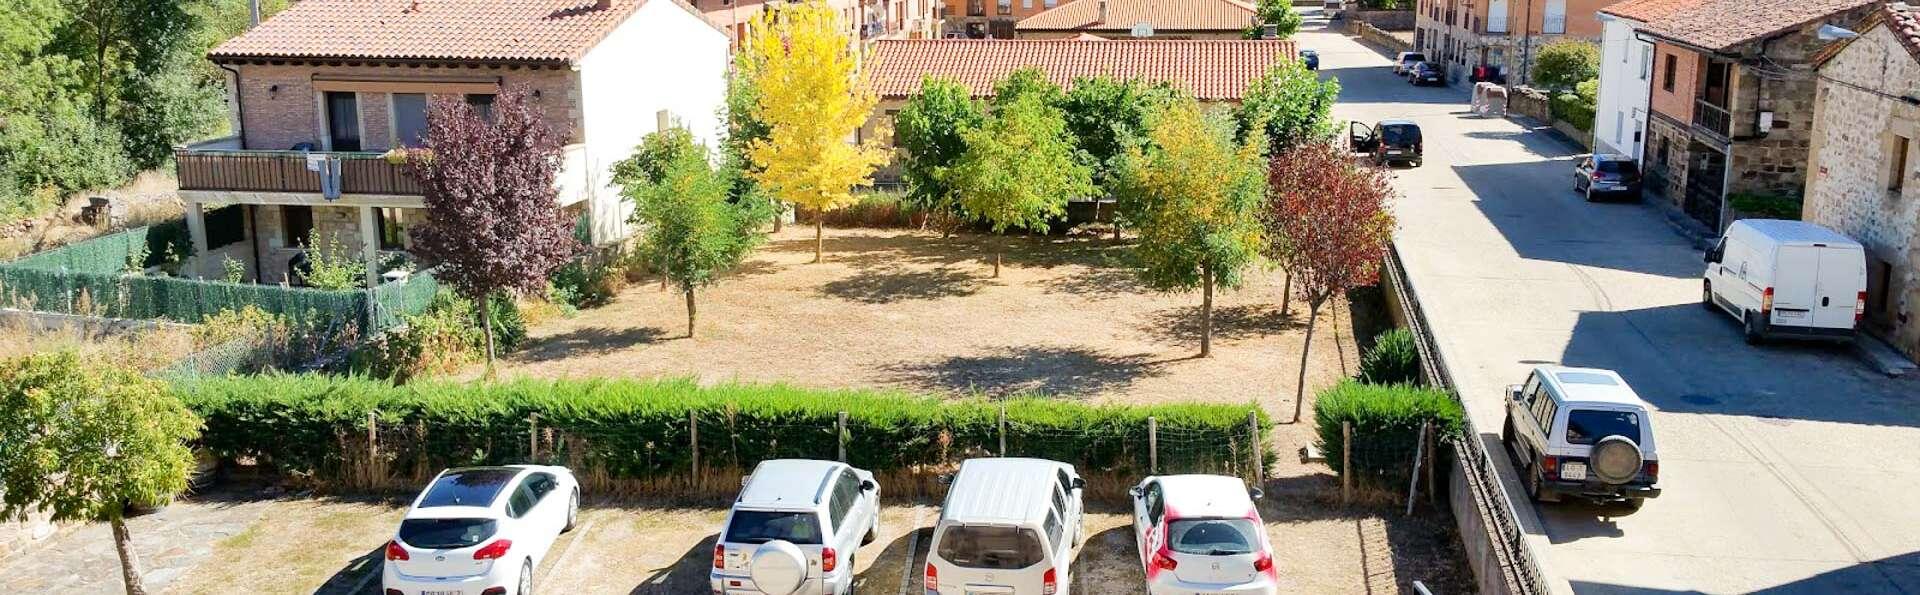 Hotel Alvargonzalez - EDIT_FRONT.jpg